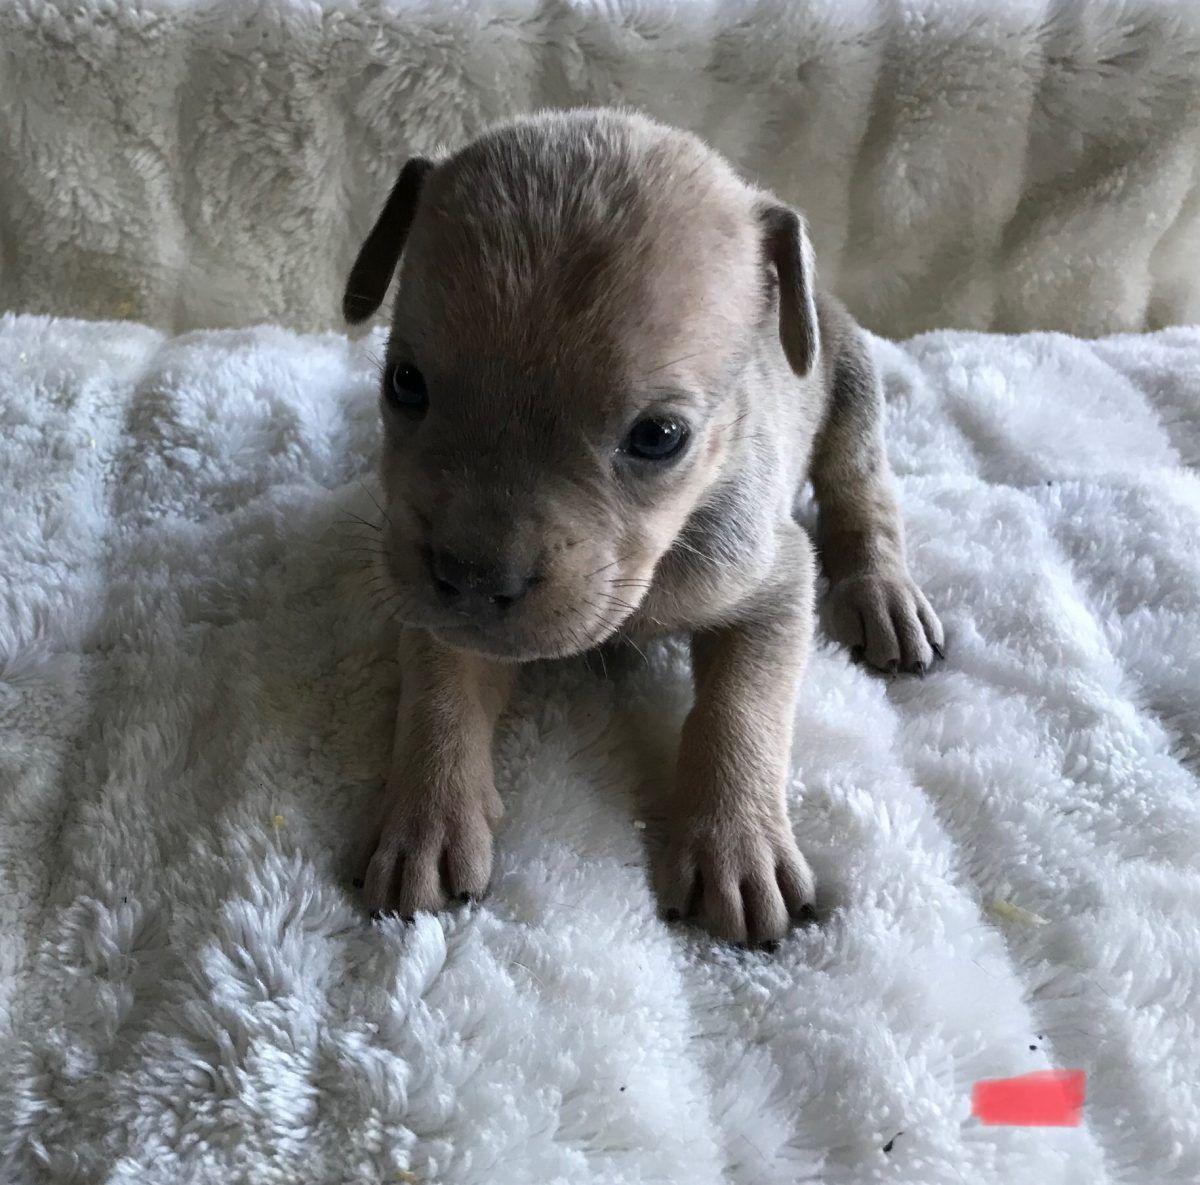 Red Formentino Male Akc Cane Corso For Sale Las Vegas Nevada Puppy Canecorso Puppies Puppies Near Me Cane Corso